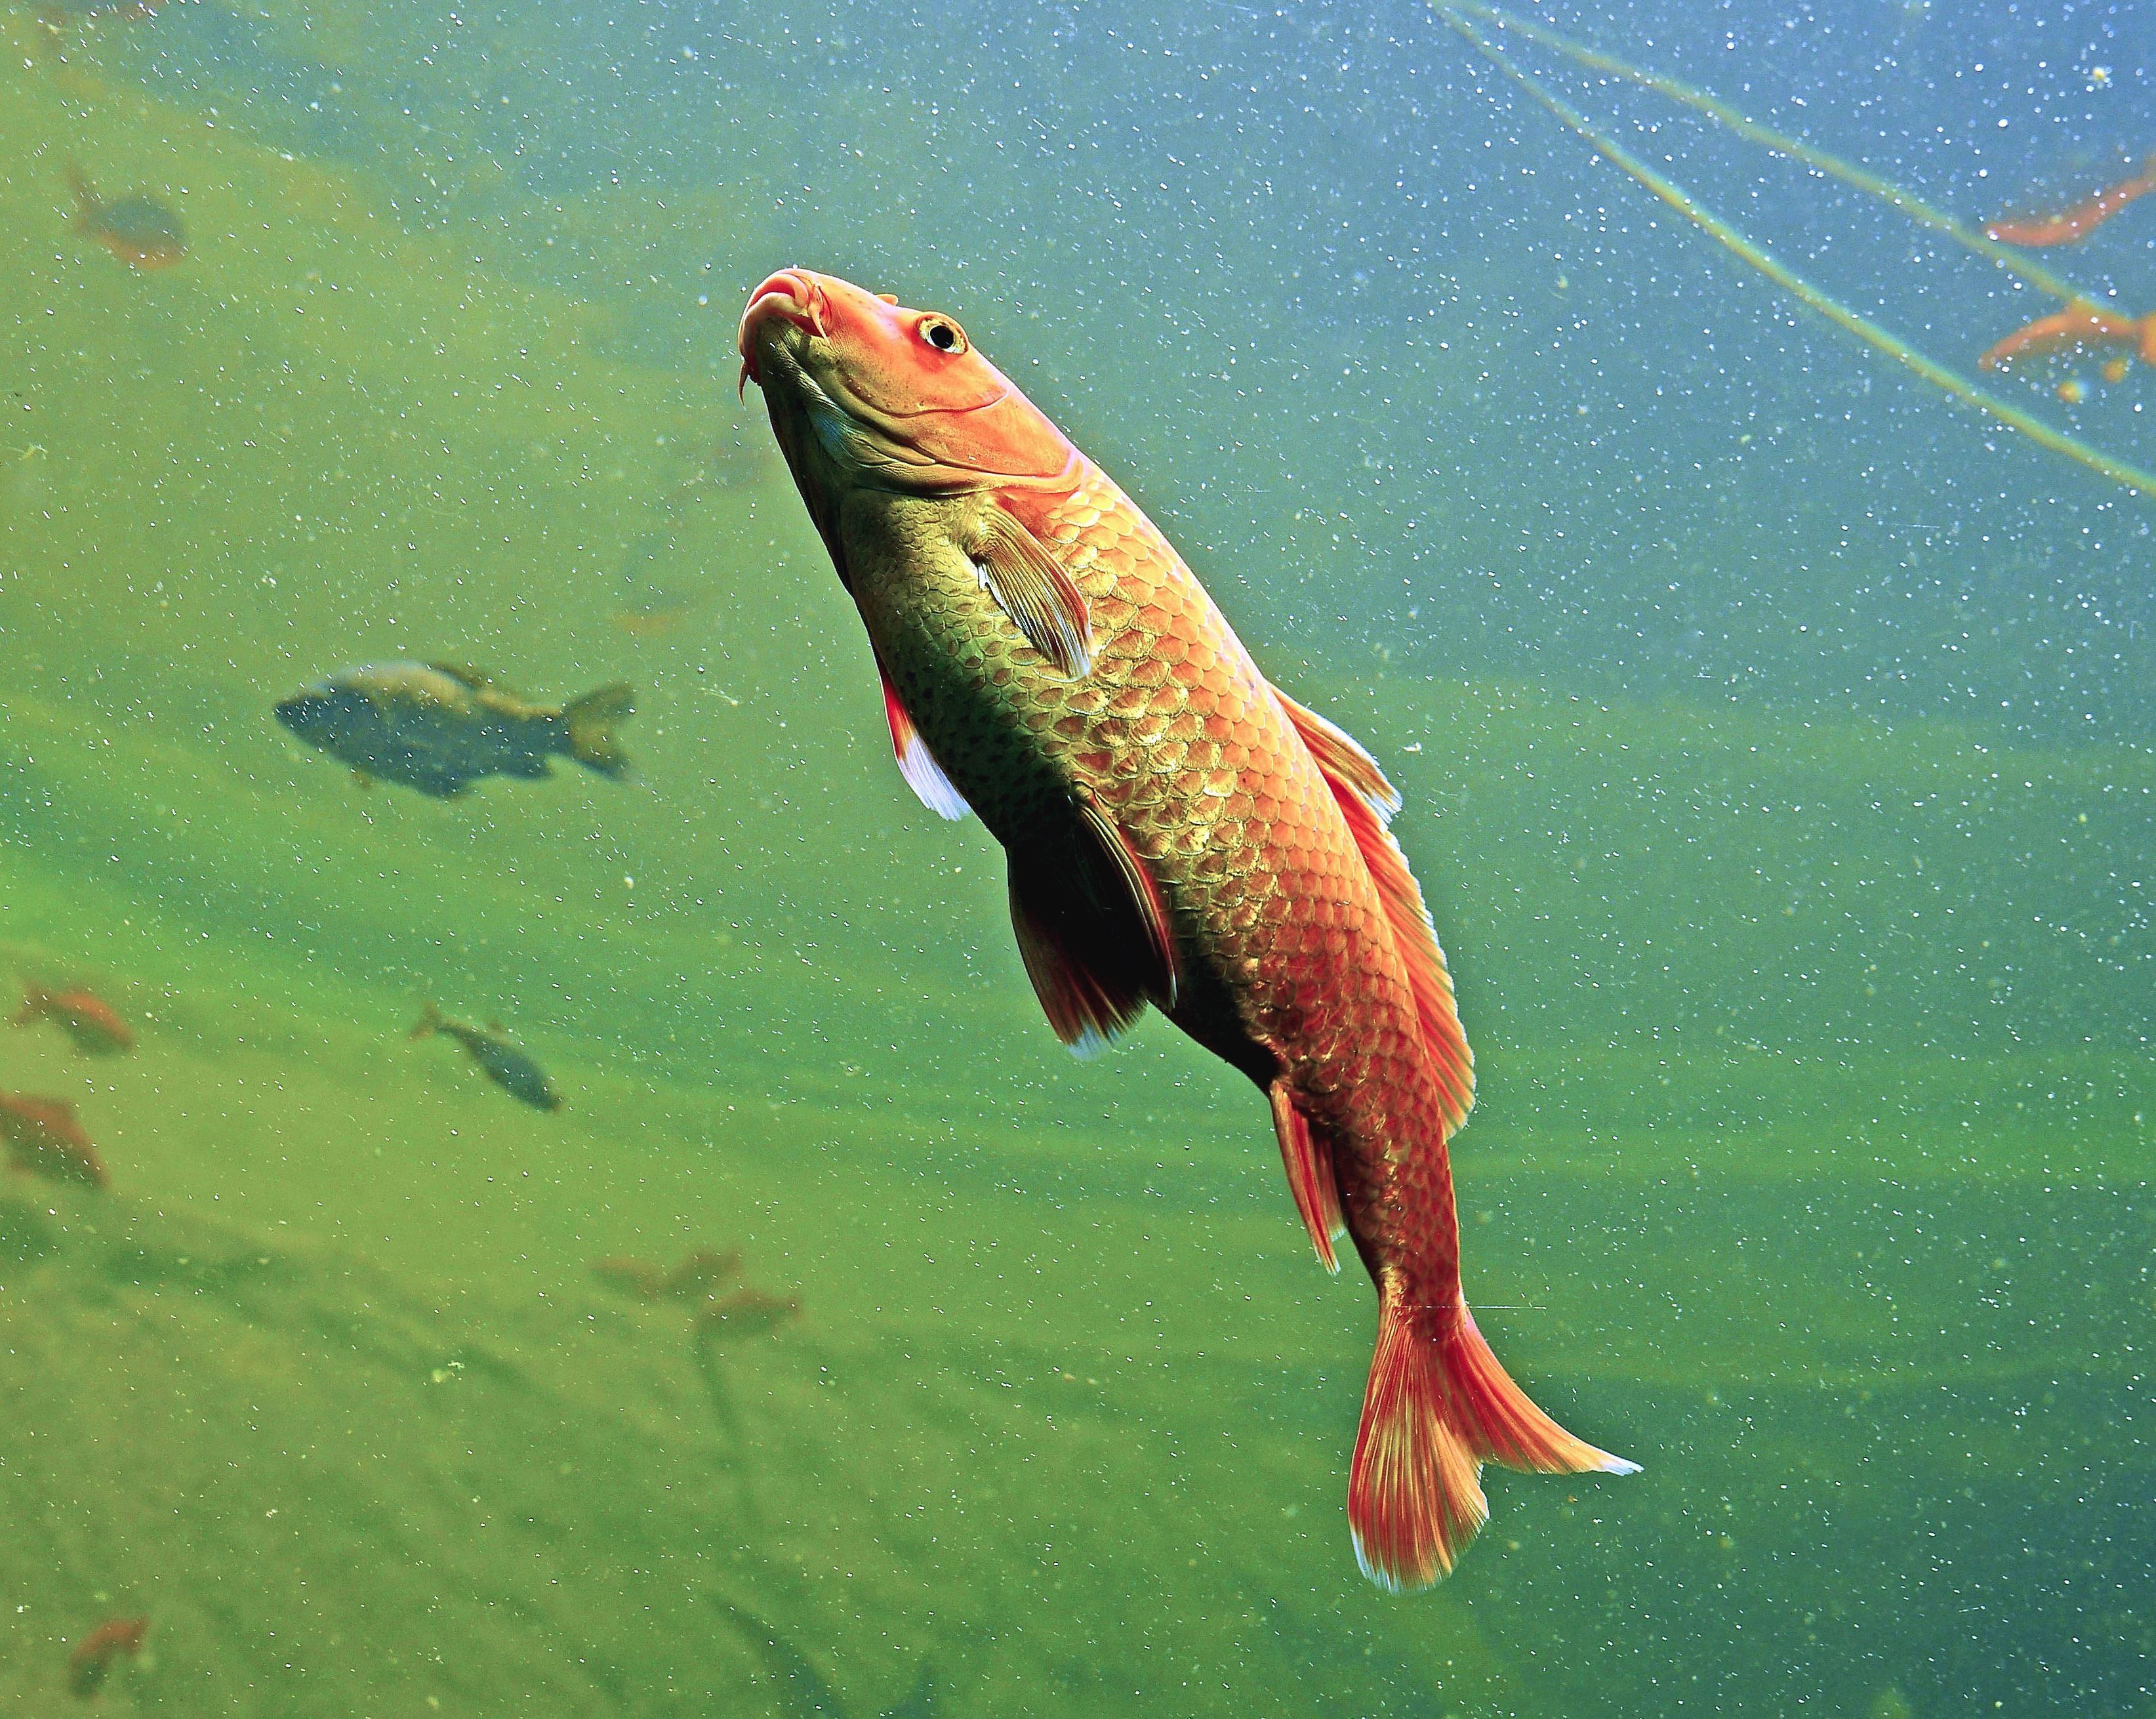 картинка рыбы плавают в воде это